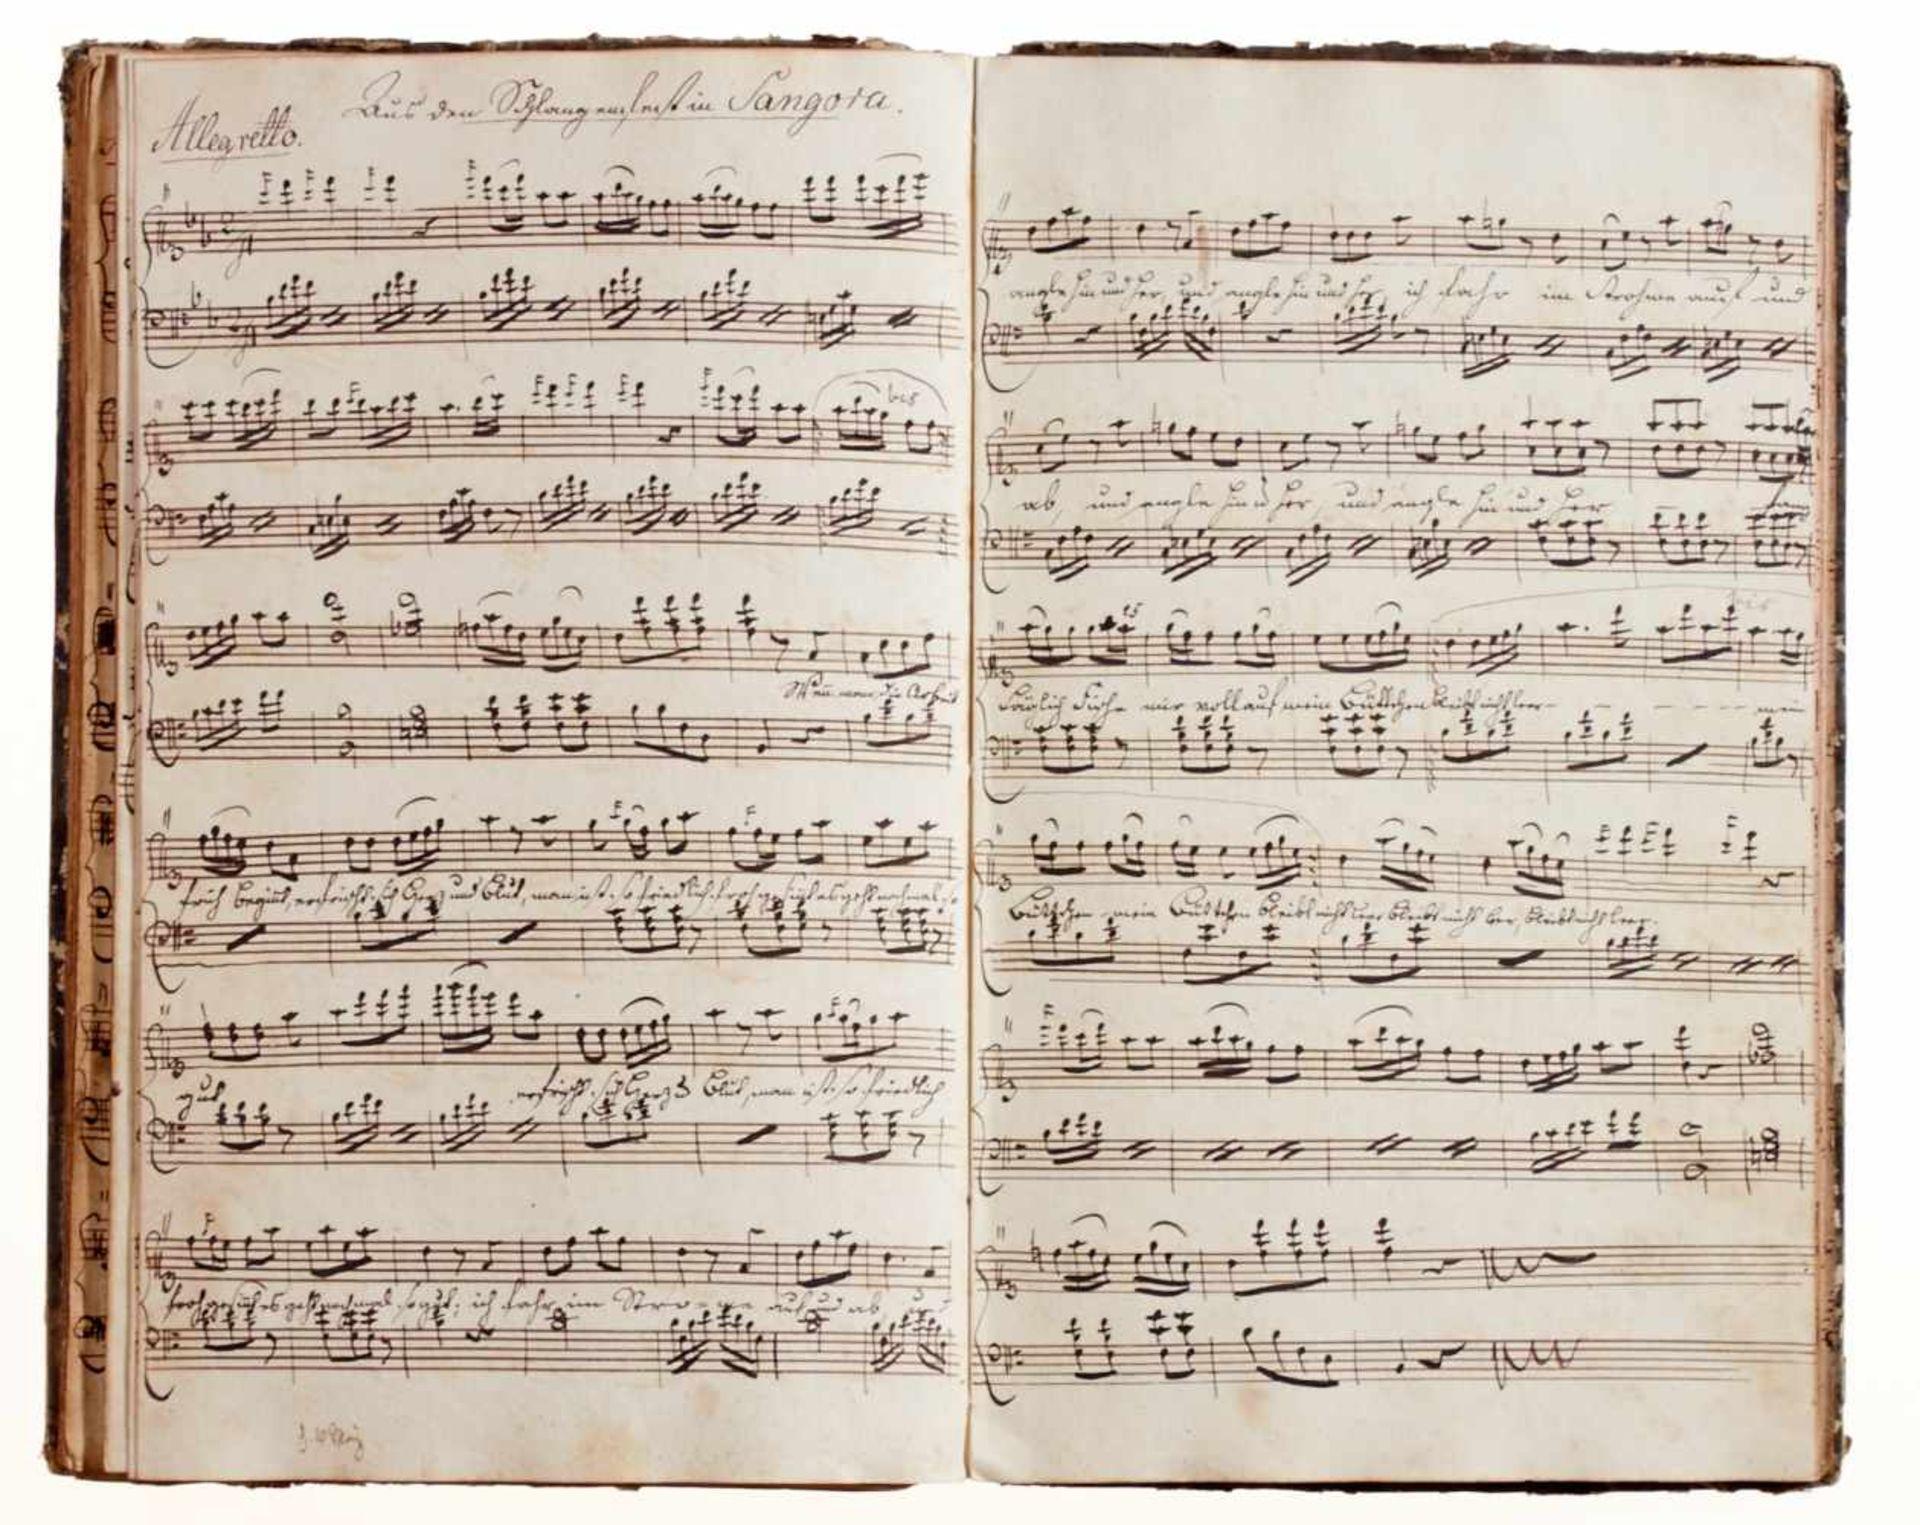 """Rese- """"Clavier Buch für I. Rese. Den 4 Junius 1798.""""Deutsche Handschrift auf Papier. Halberstadt?, - Bild 3 aus 4"""